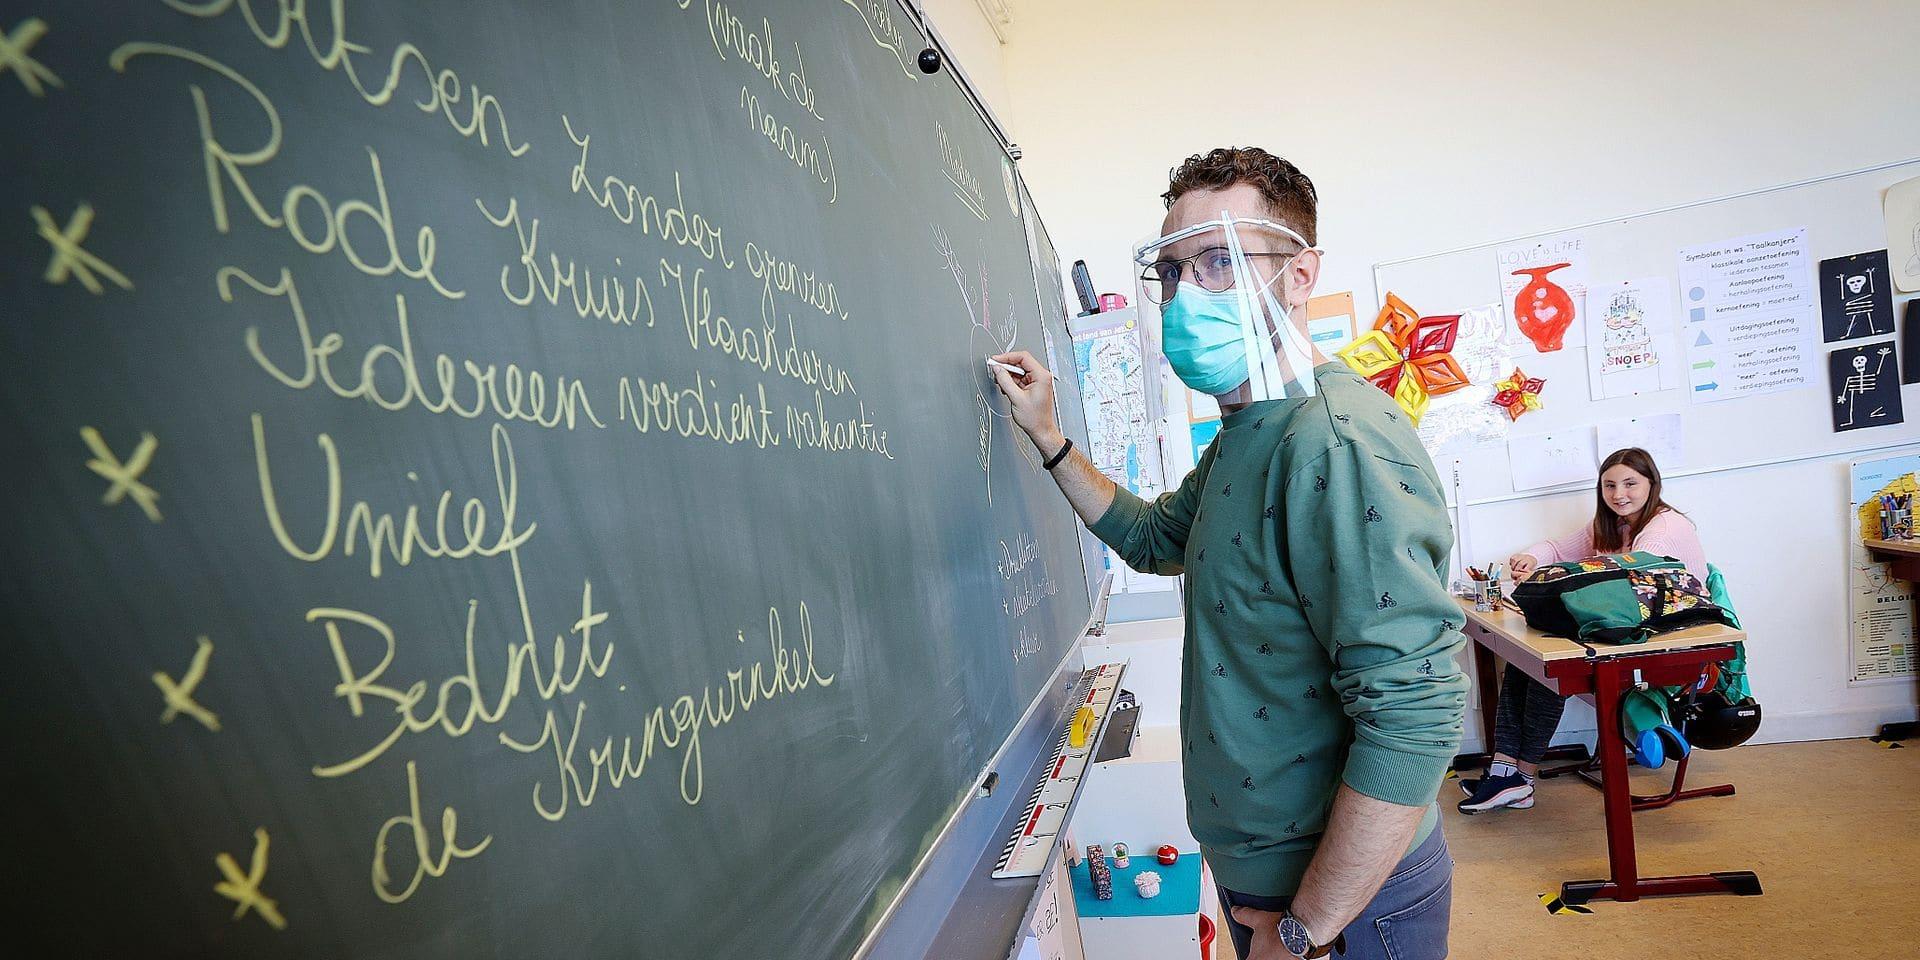 Malgré le test d'entrée, la formation d'enseignant connaît un succès croissant en Flandre